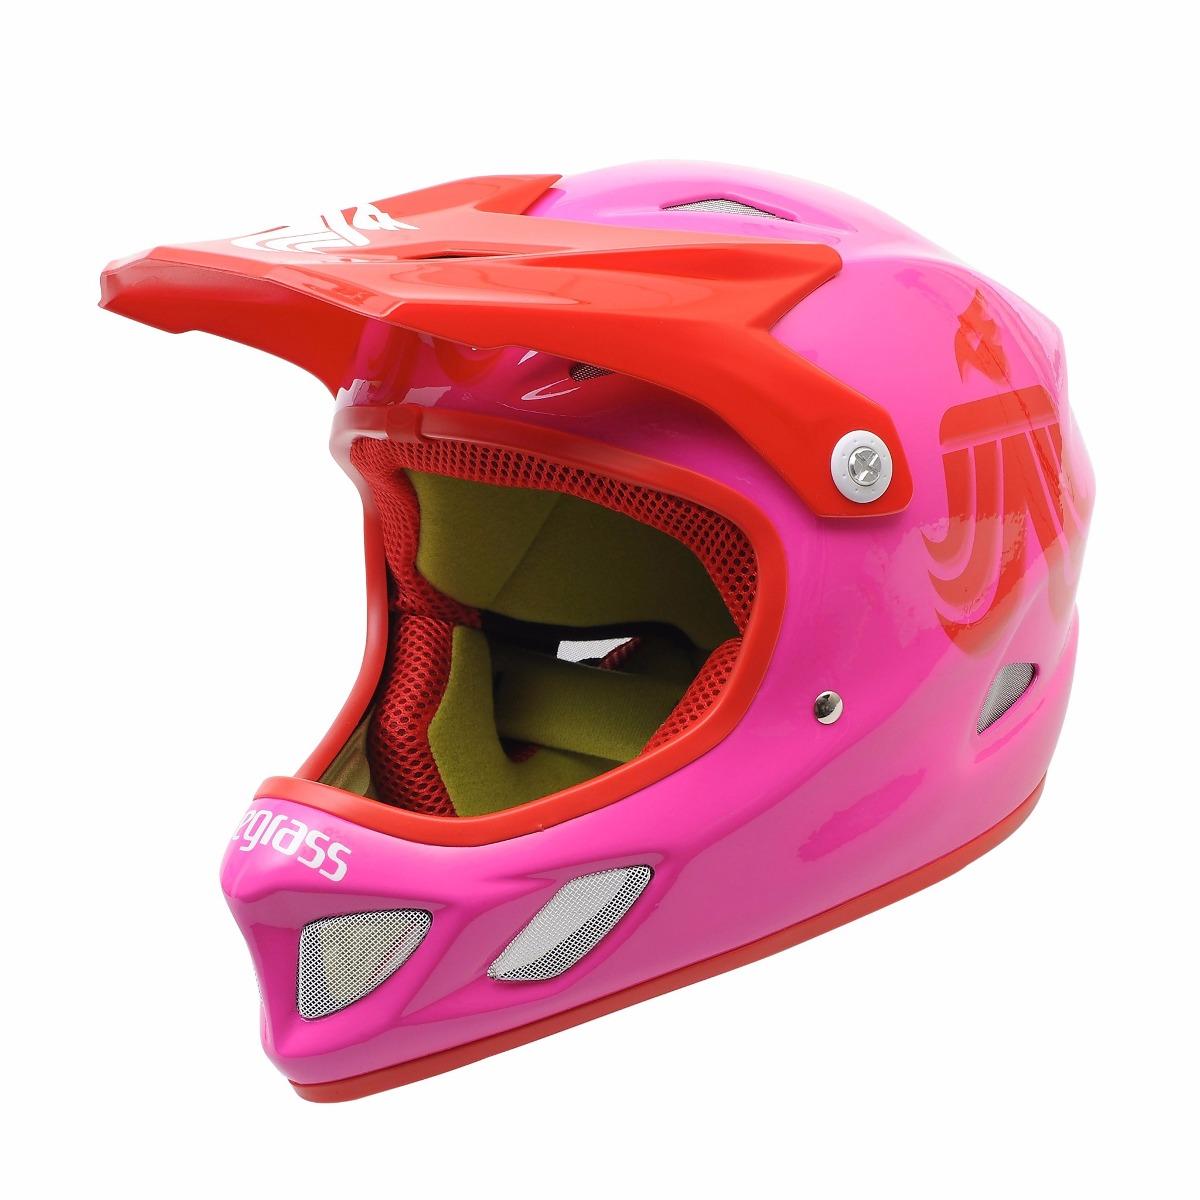 Casco Rosa Dama Mujer Bici Moto Downhill Enduro Monta 241 A